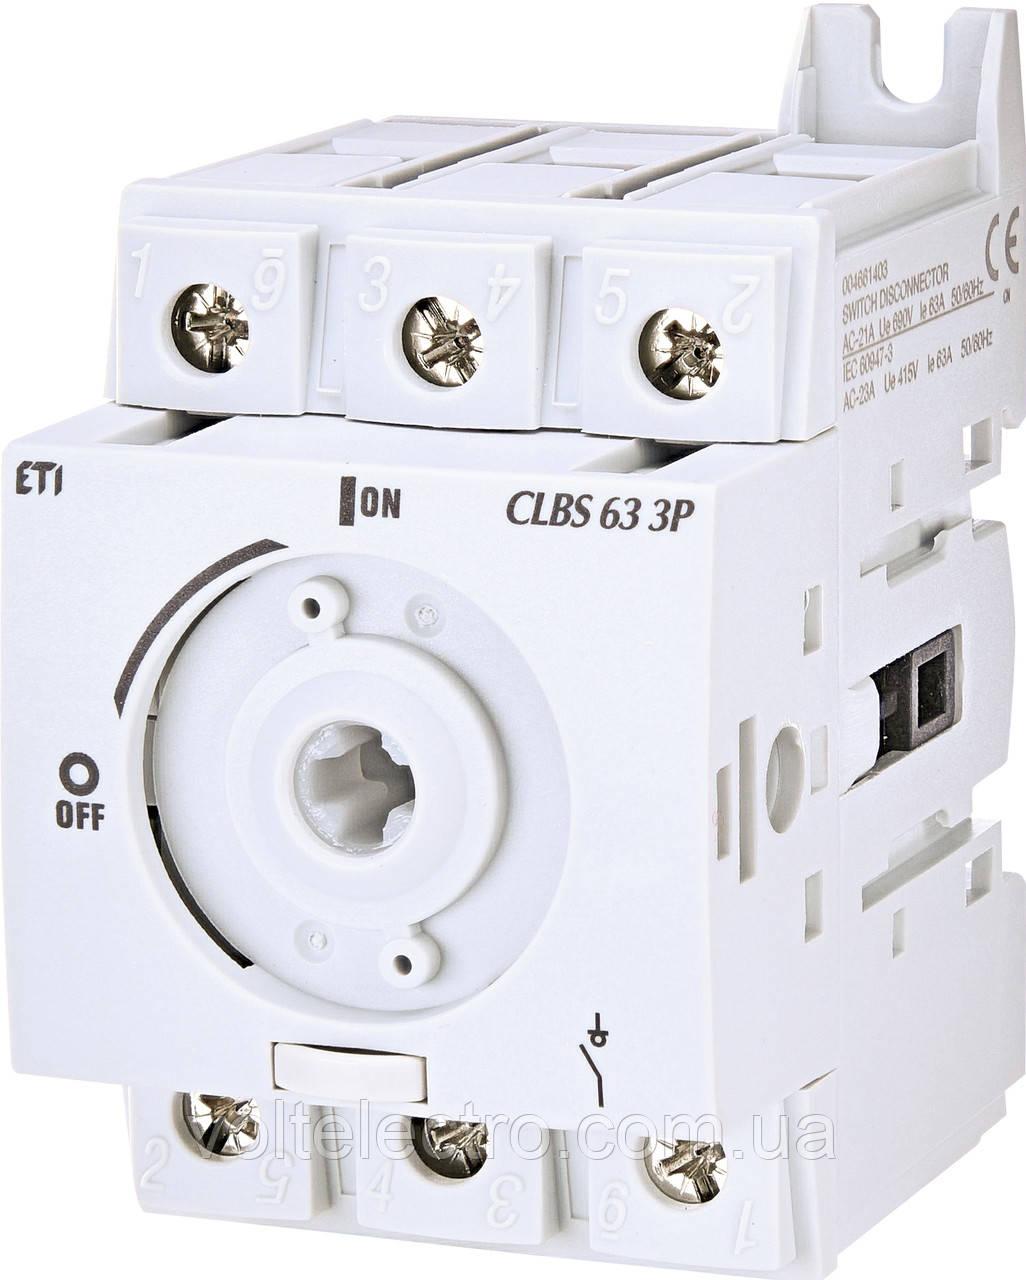 Вимикач навантаження CLBS 63 3P